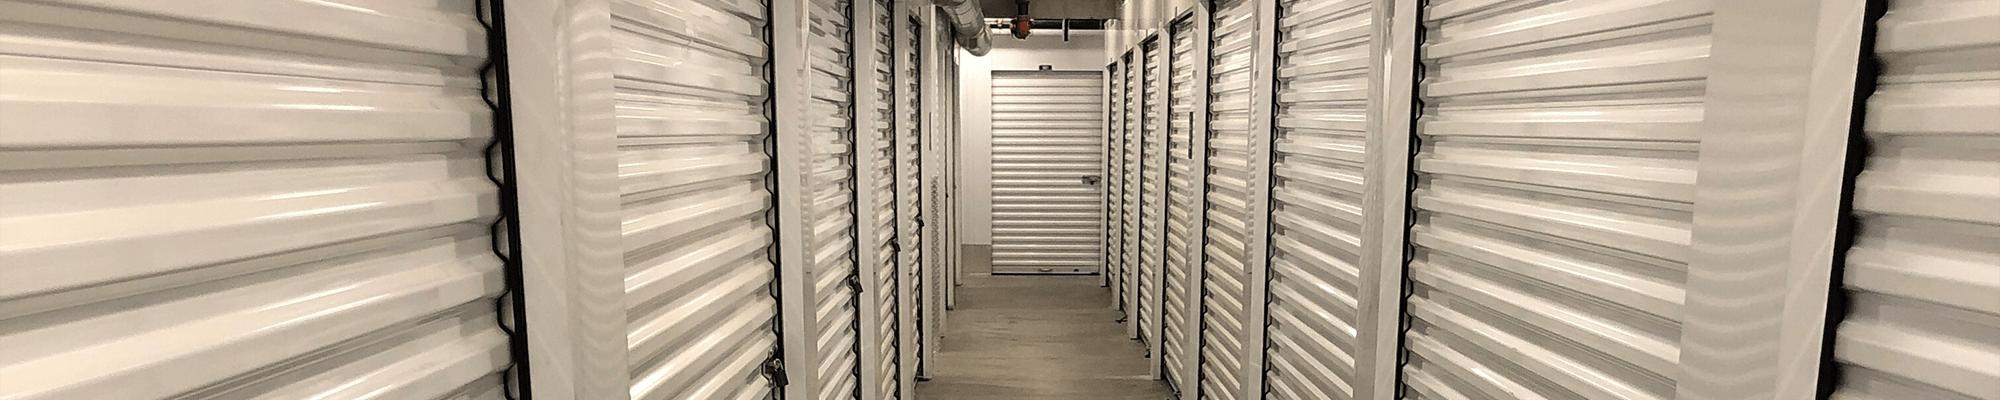 Self storage units in Storage Etc... De Soto in Chatsworth, California